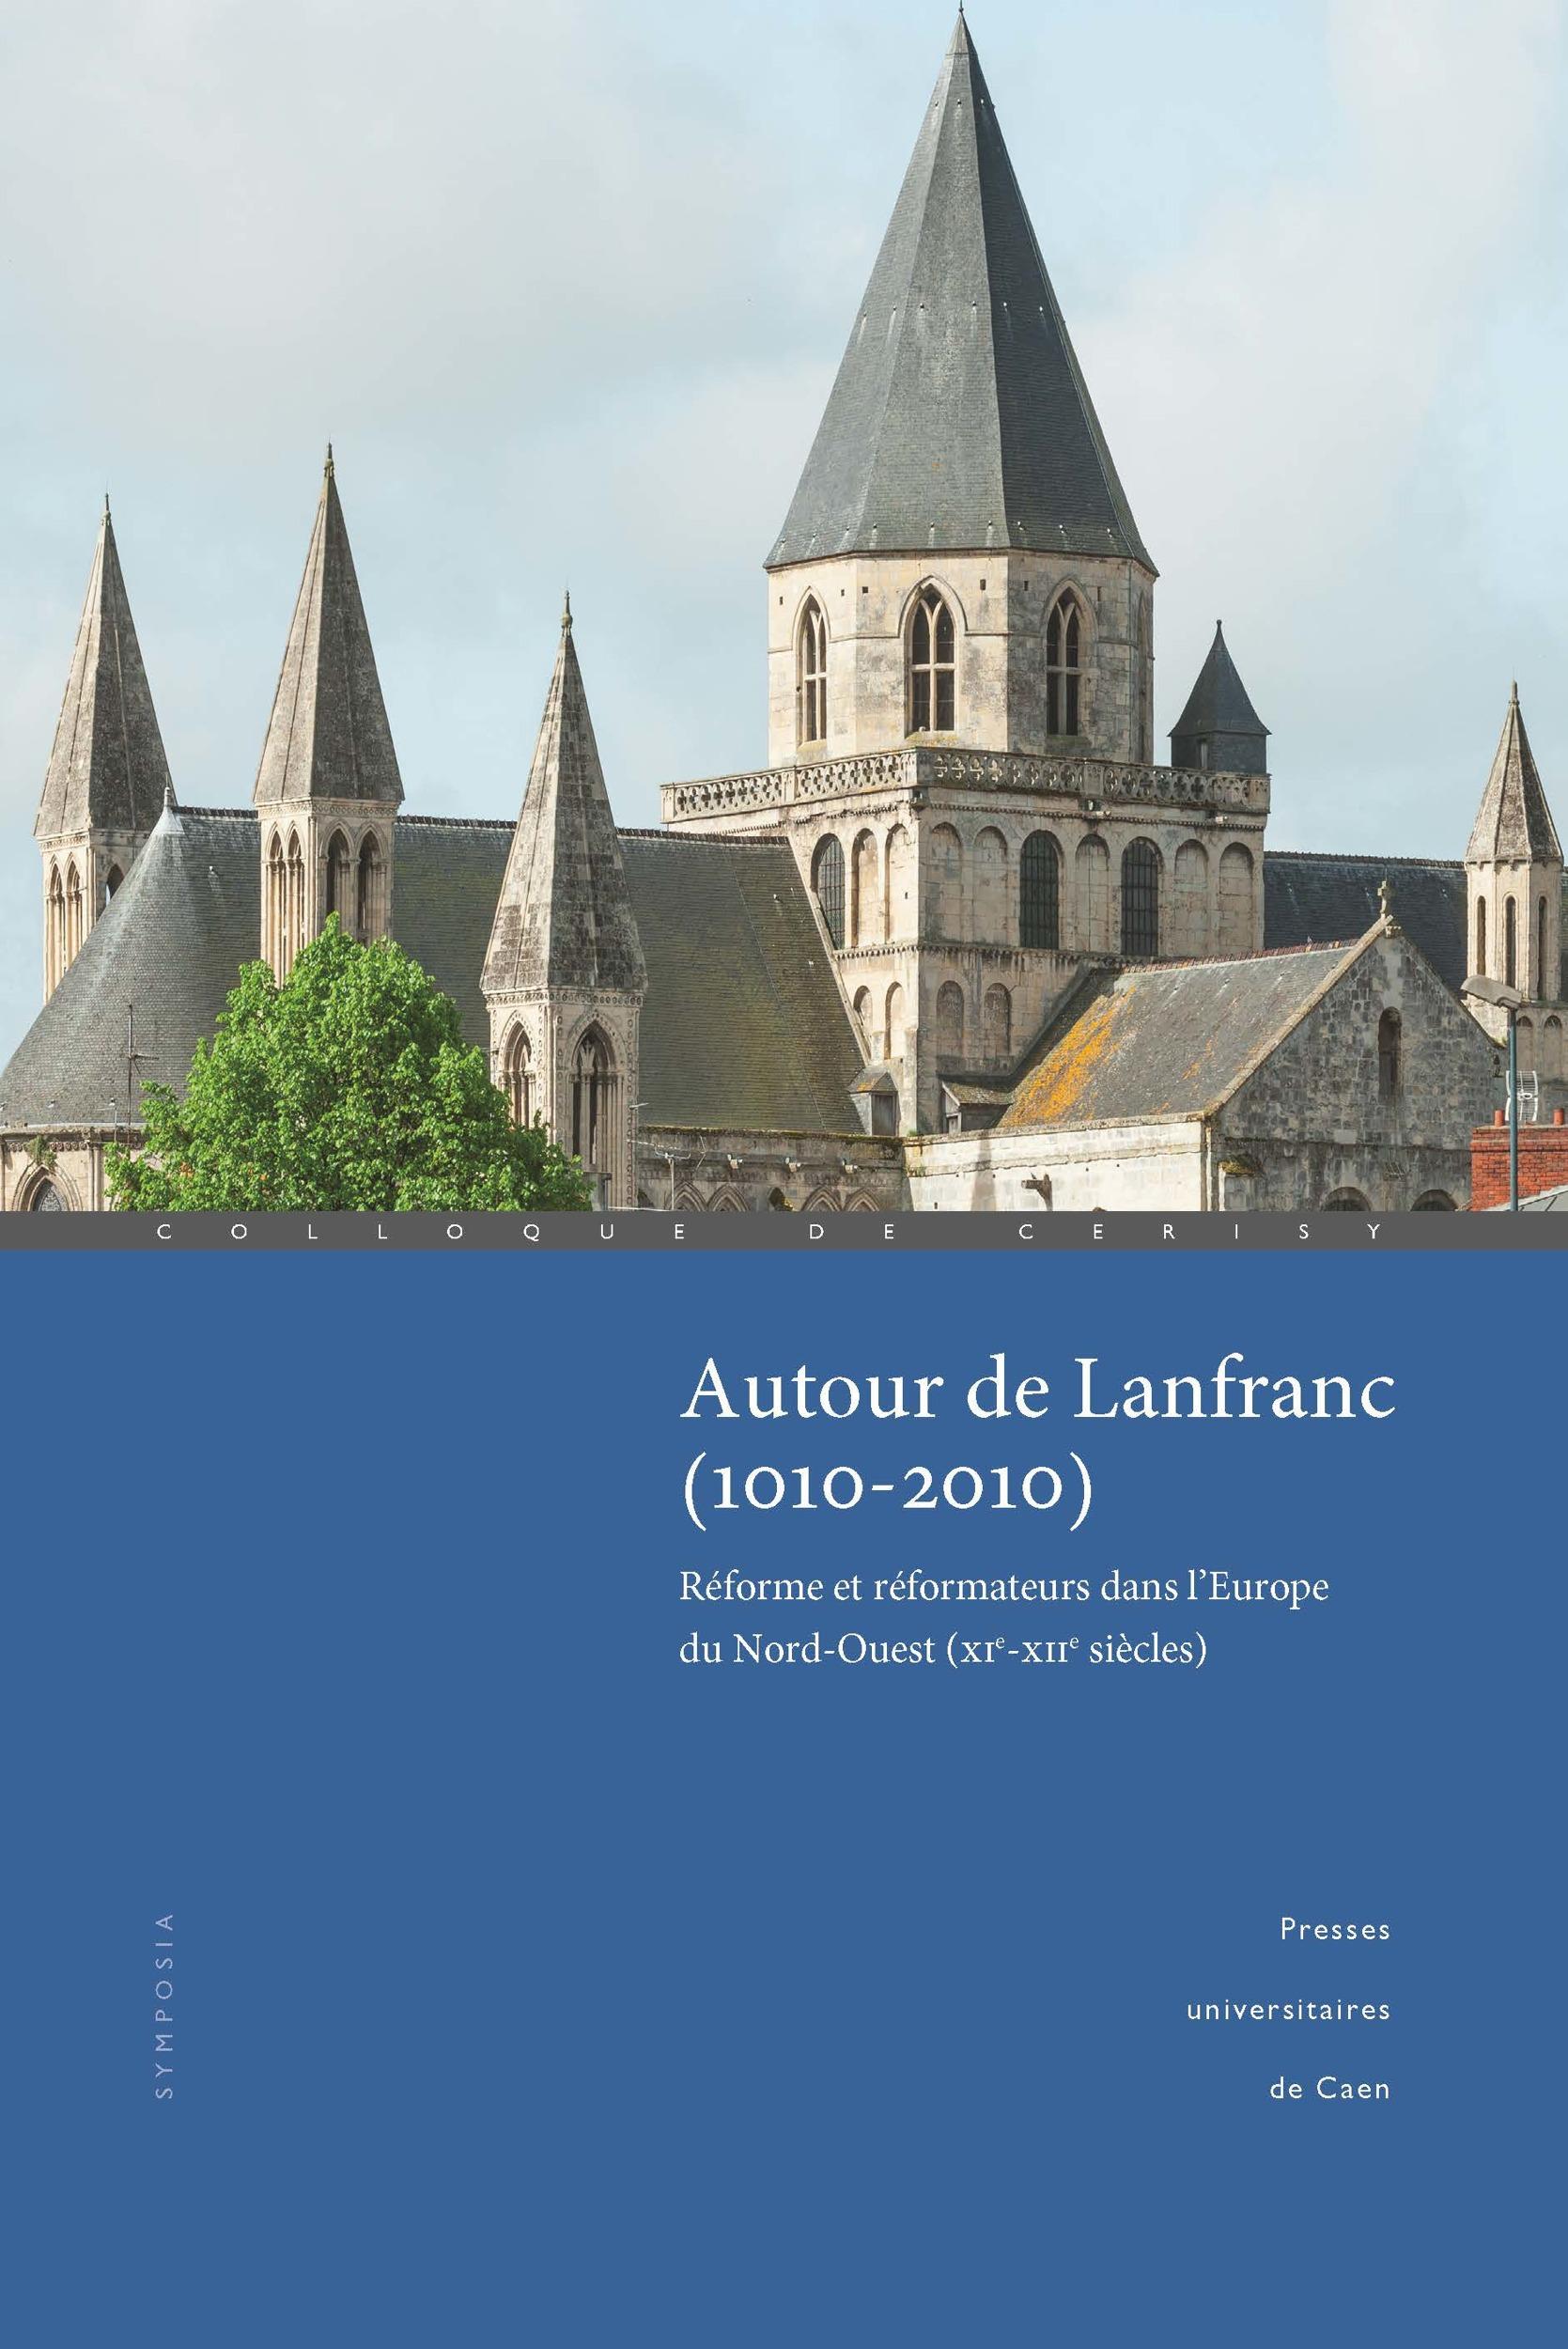 Véronique Gazeau Autour de Lanfranc (1010-2010)